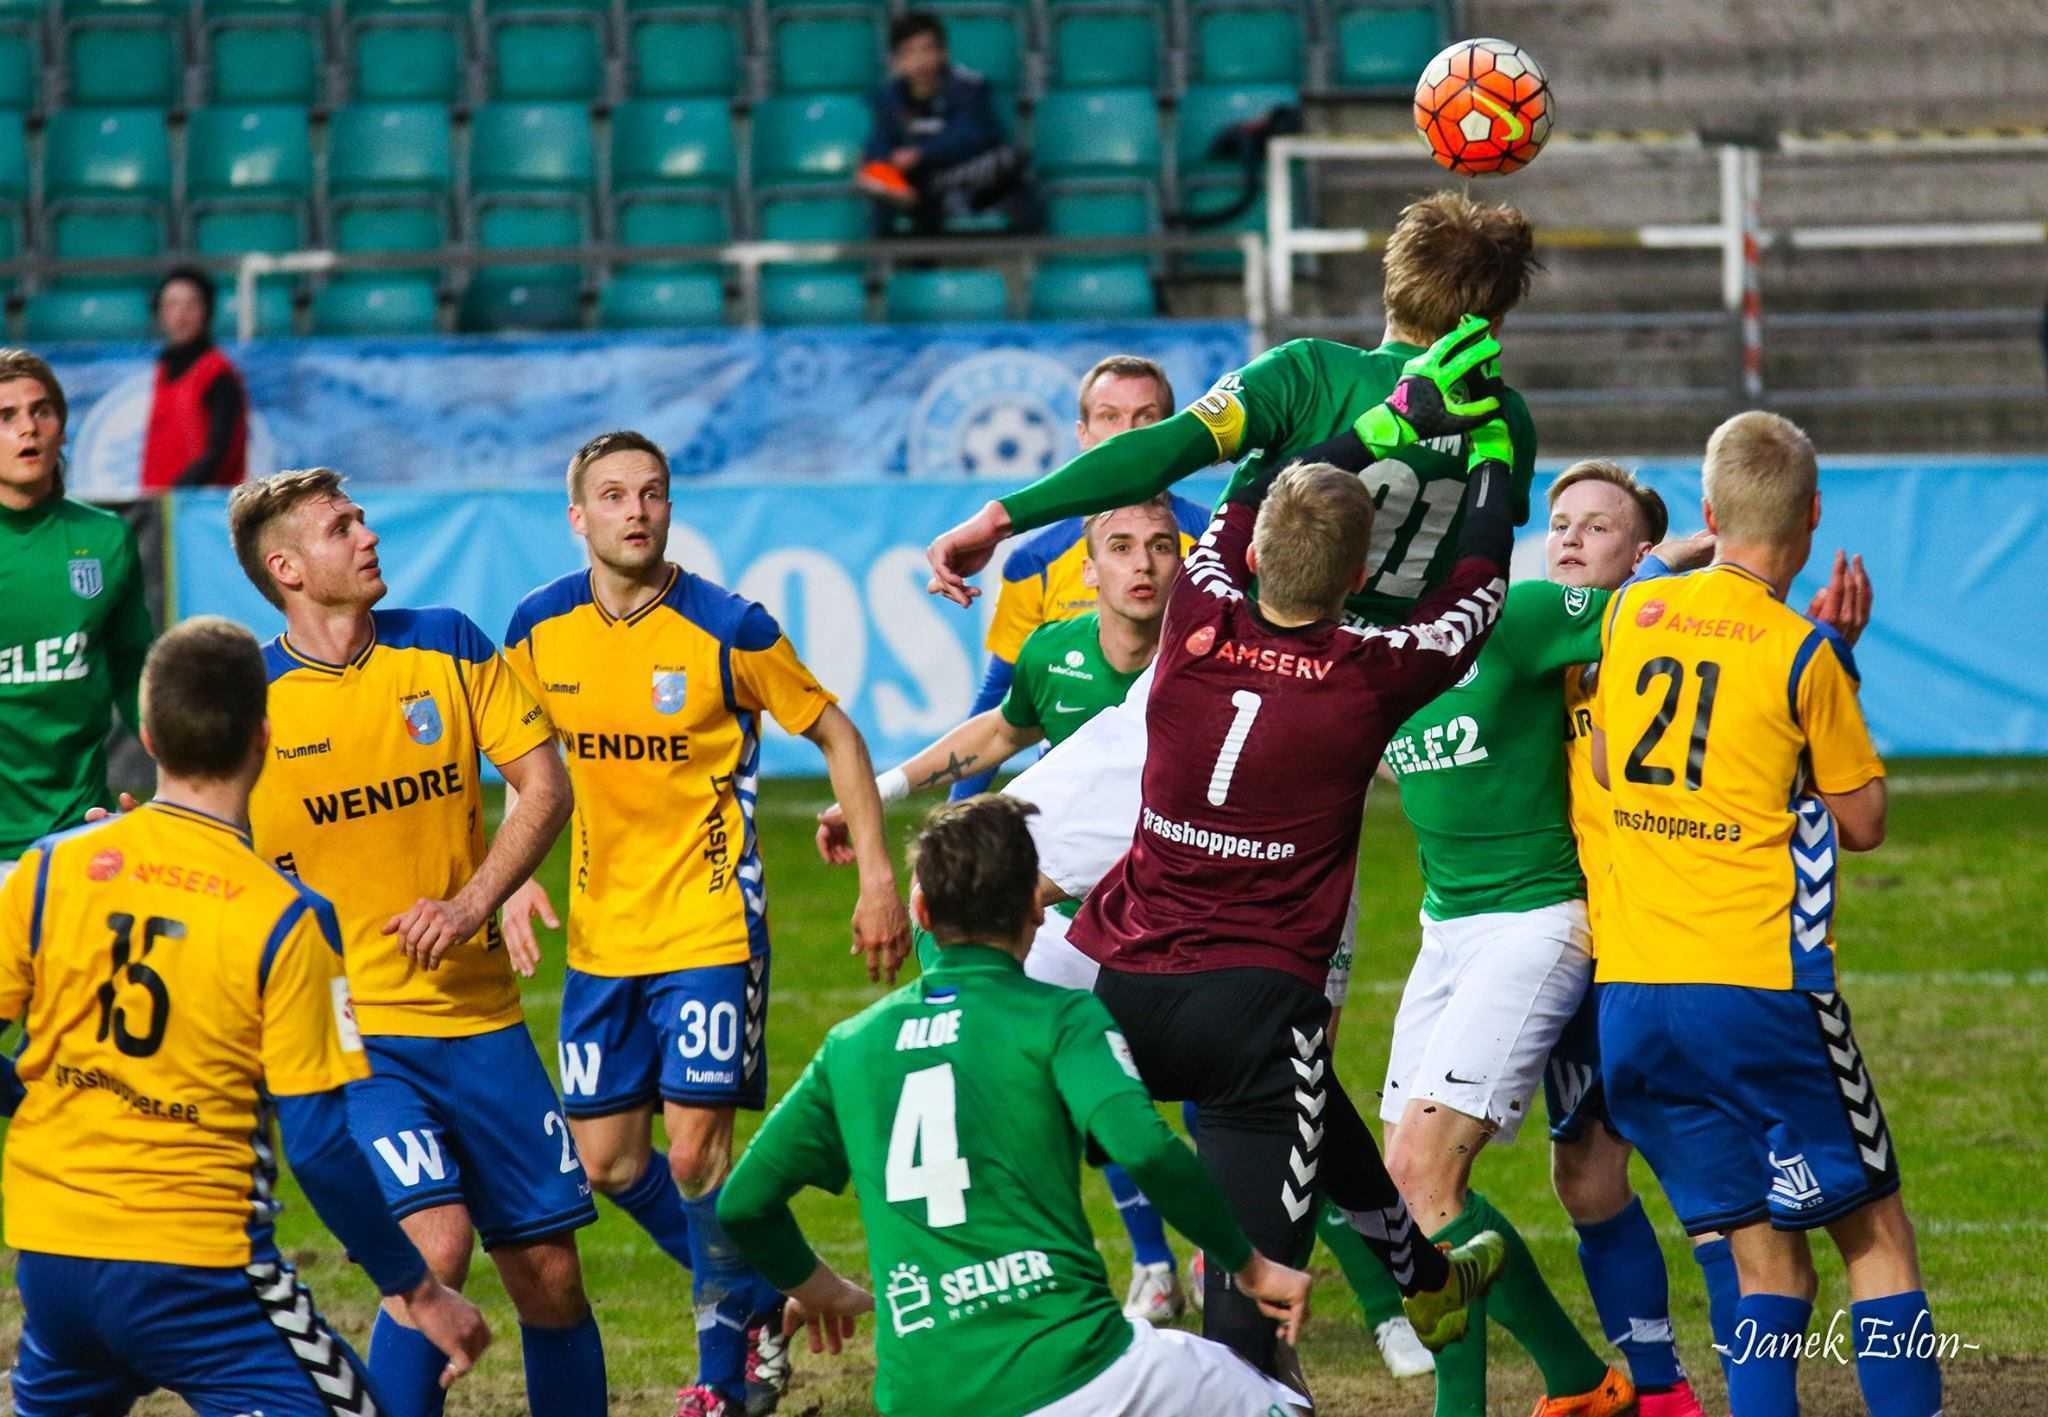 Joonas Tamm vs Pärnu Linnameeskond 29.04.2016